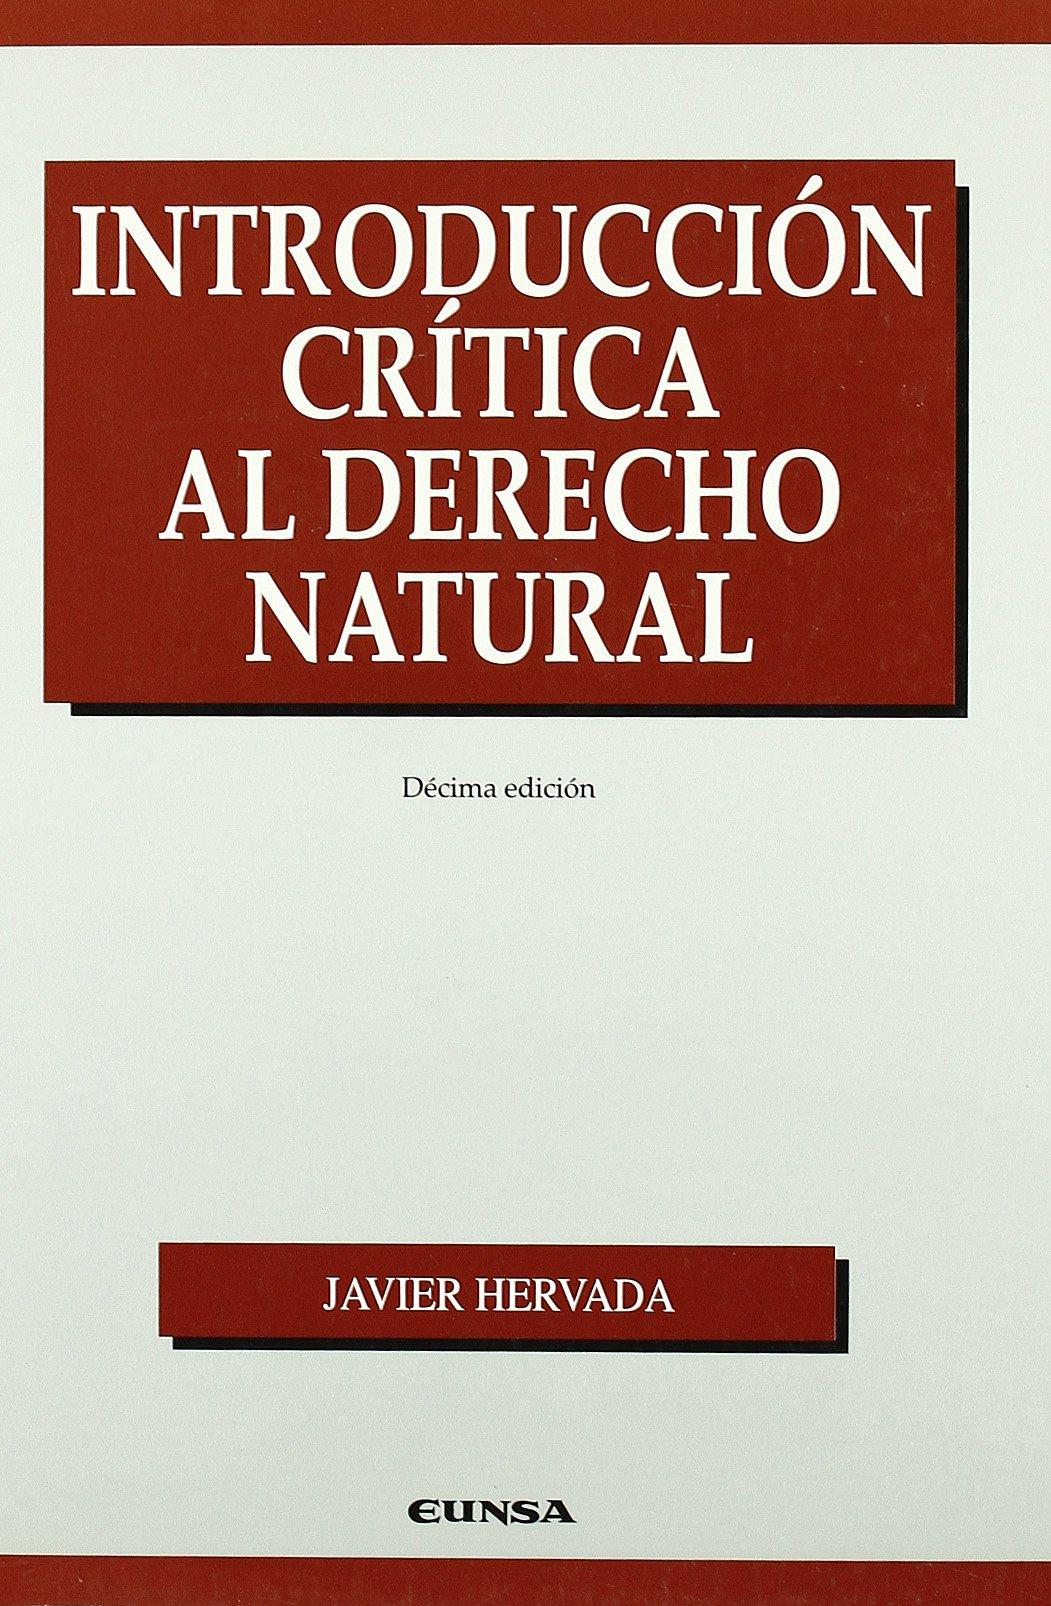 Introducción crítica al derecho natural (Publicaciones de la Facultad de Derecho de la Universidad de Navarra) (Spanish Edition): Javier Hervada: ...